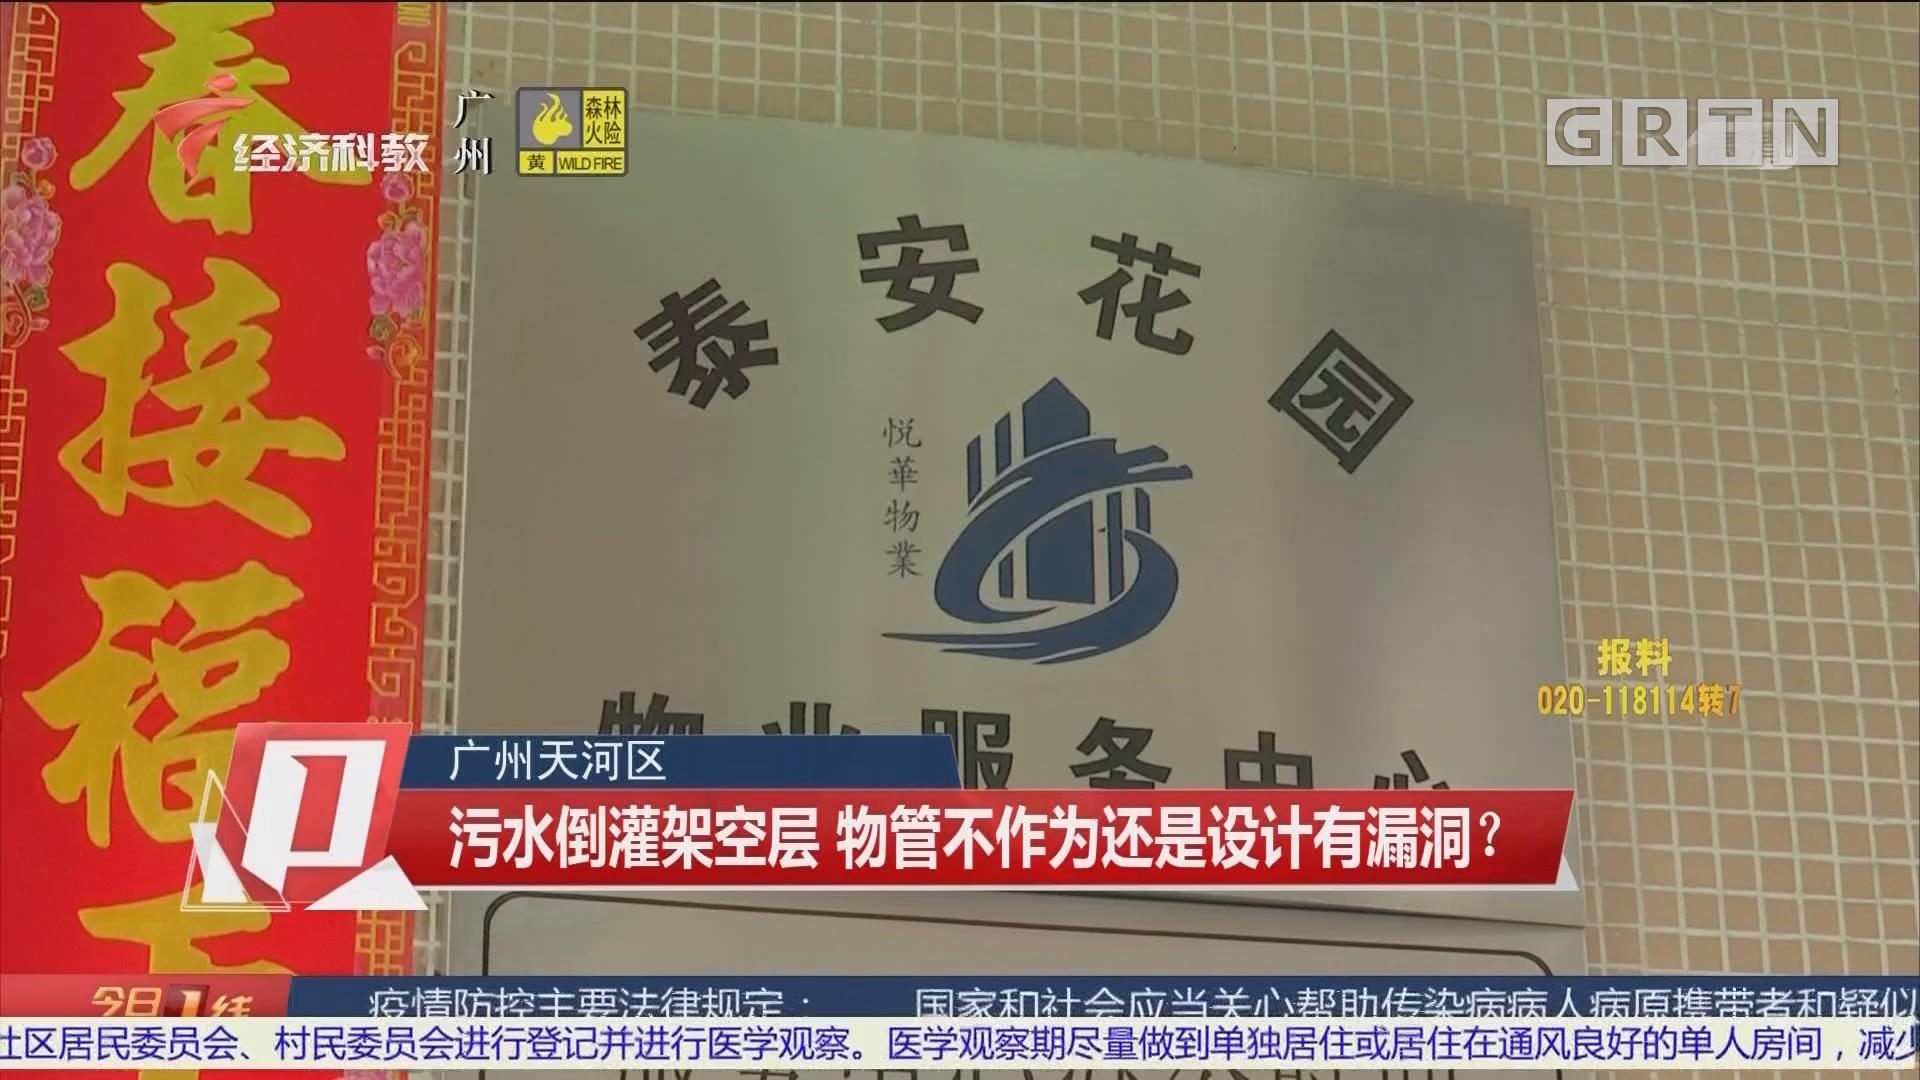 广州天河区:污水倒灌架空层 物管不作为还是设计有漏洞?